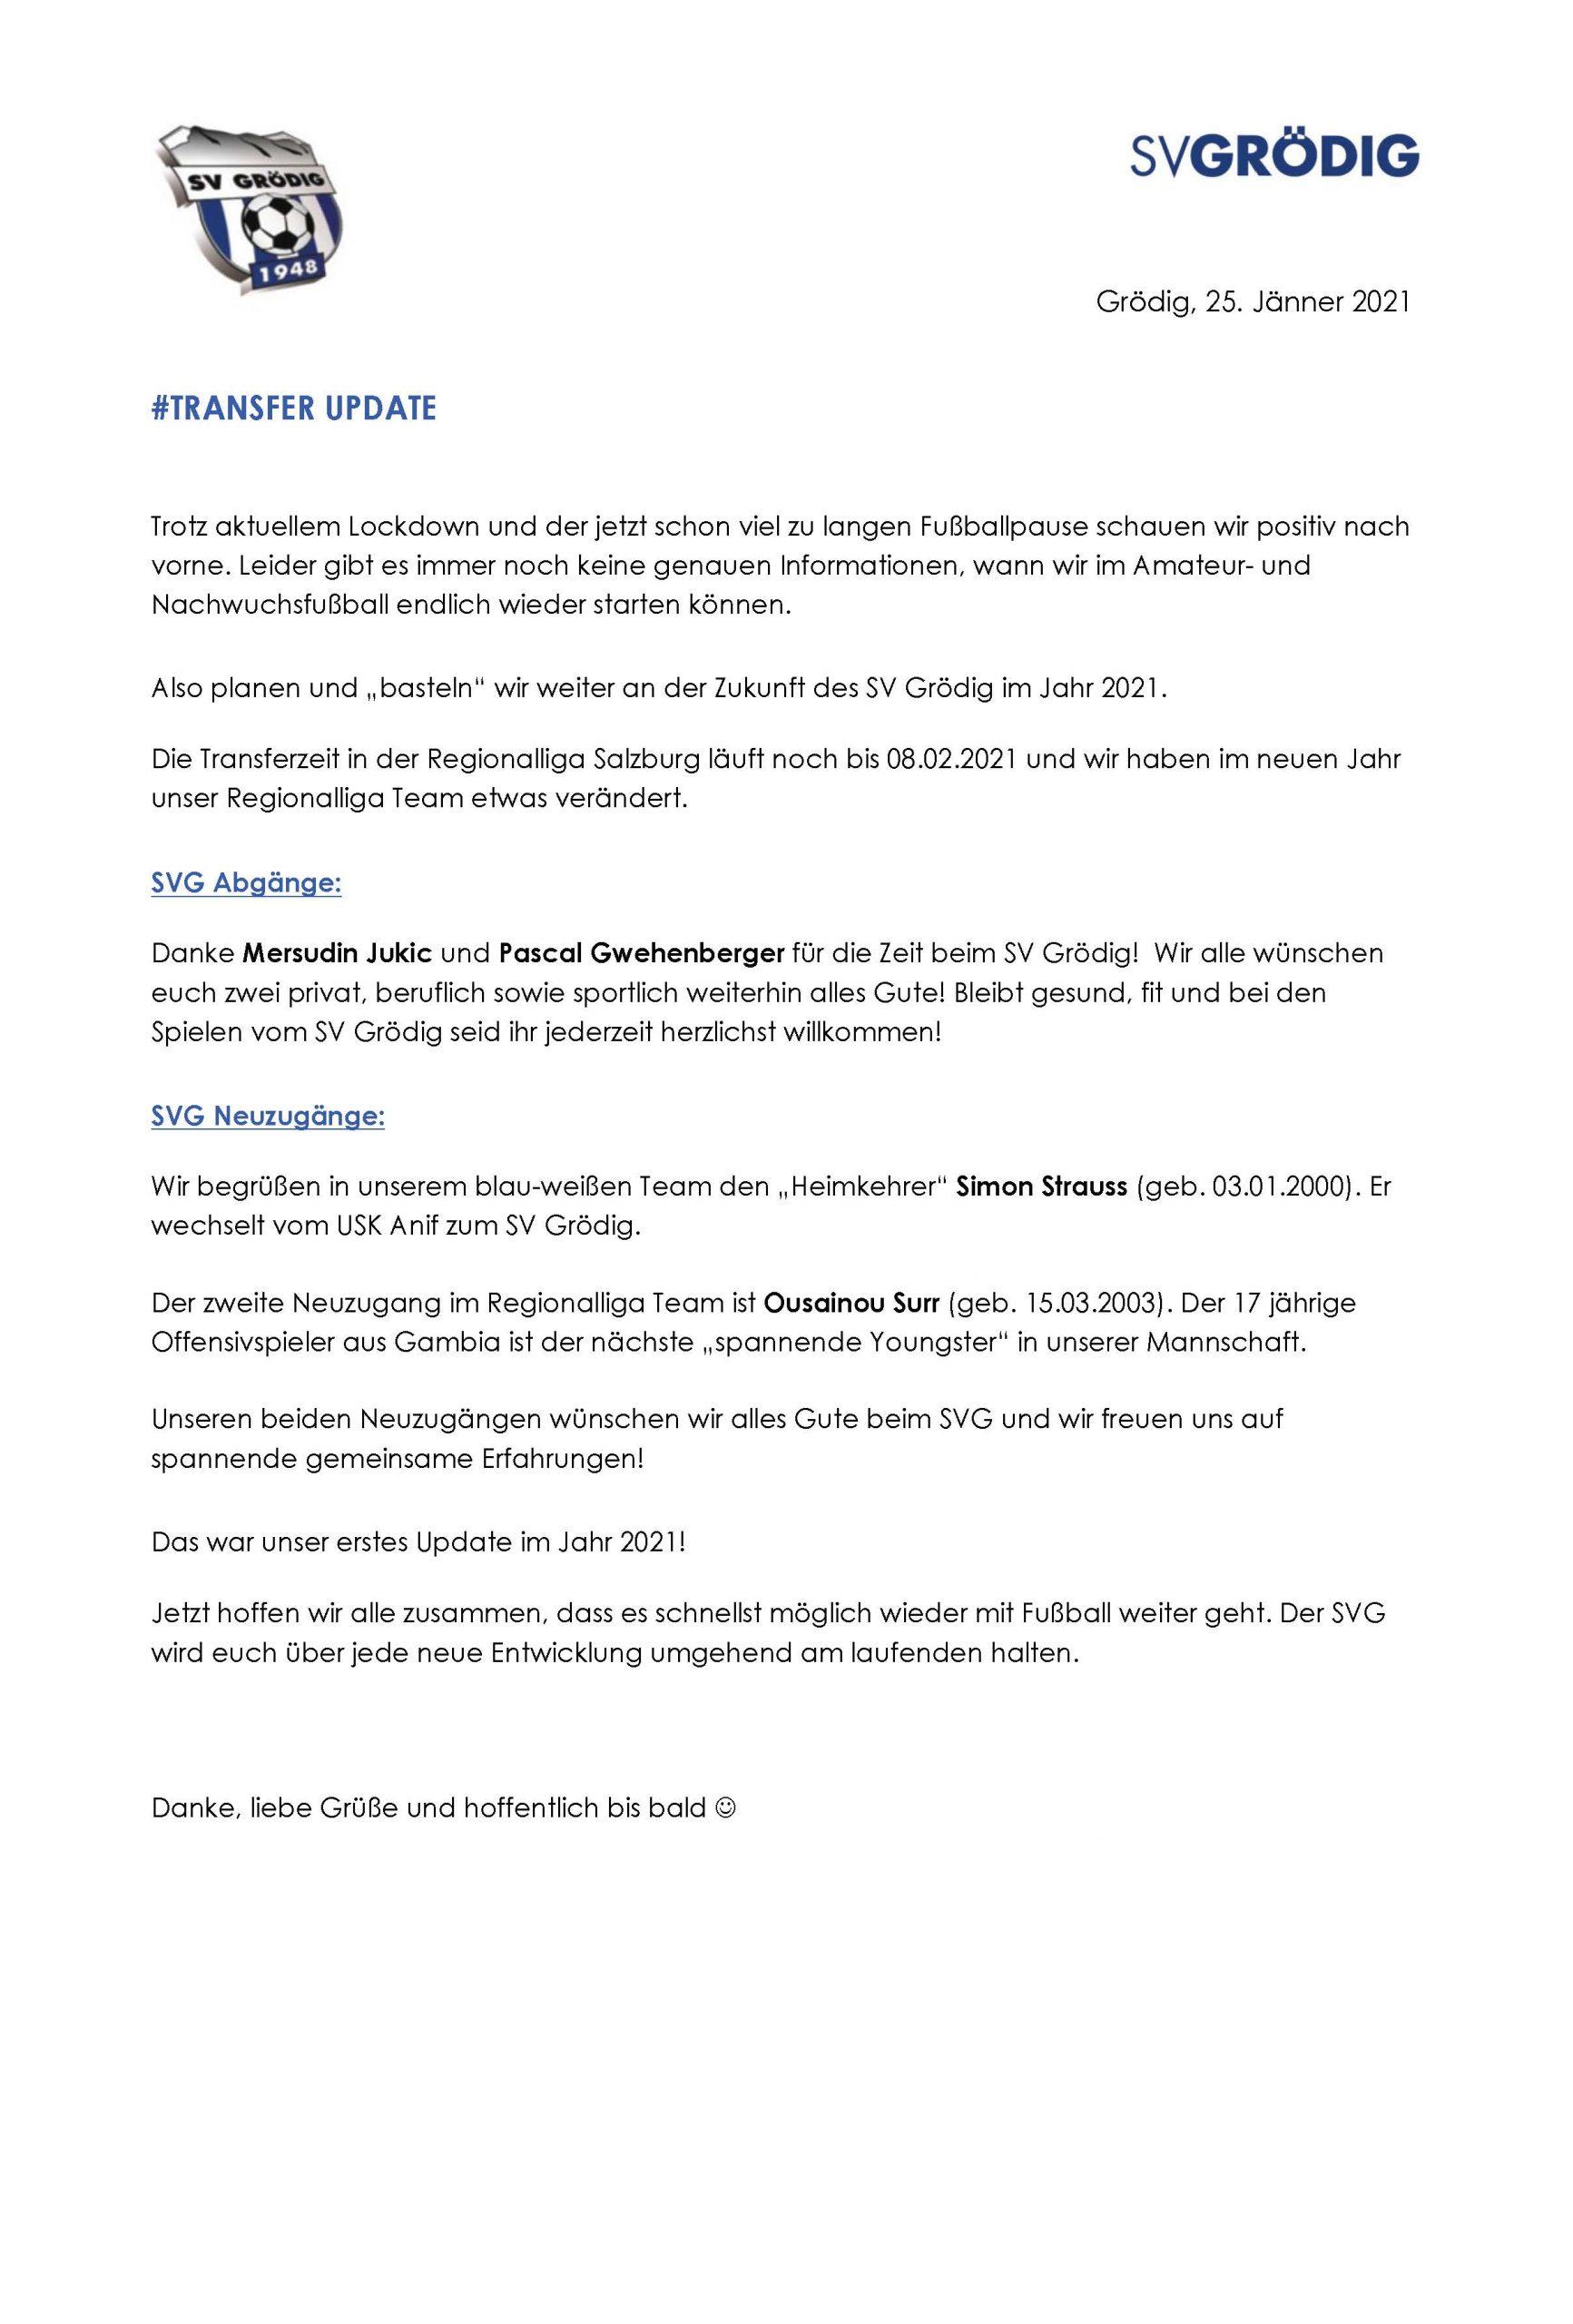 SV Groedig Transfer Update